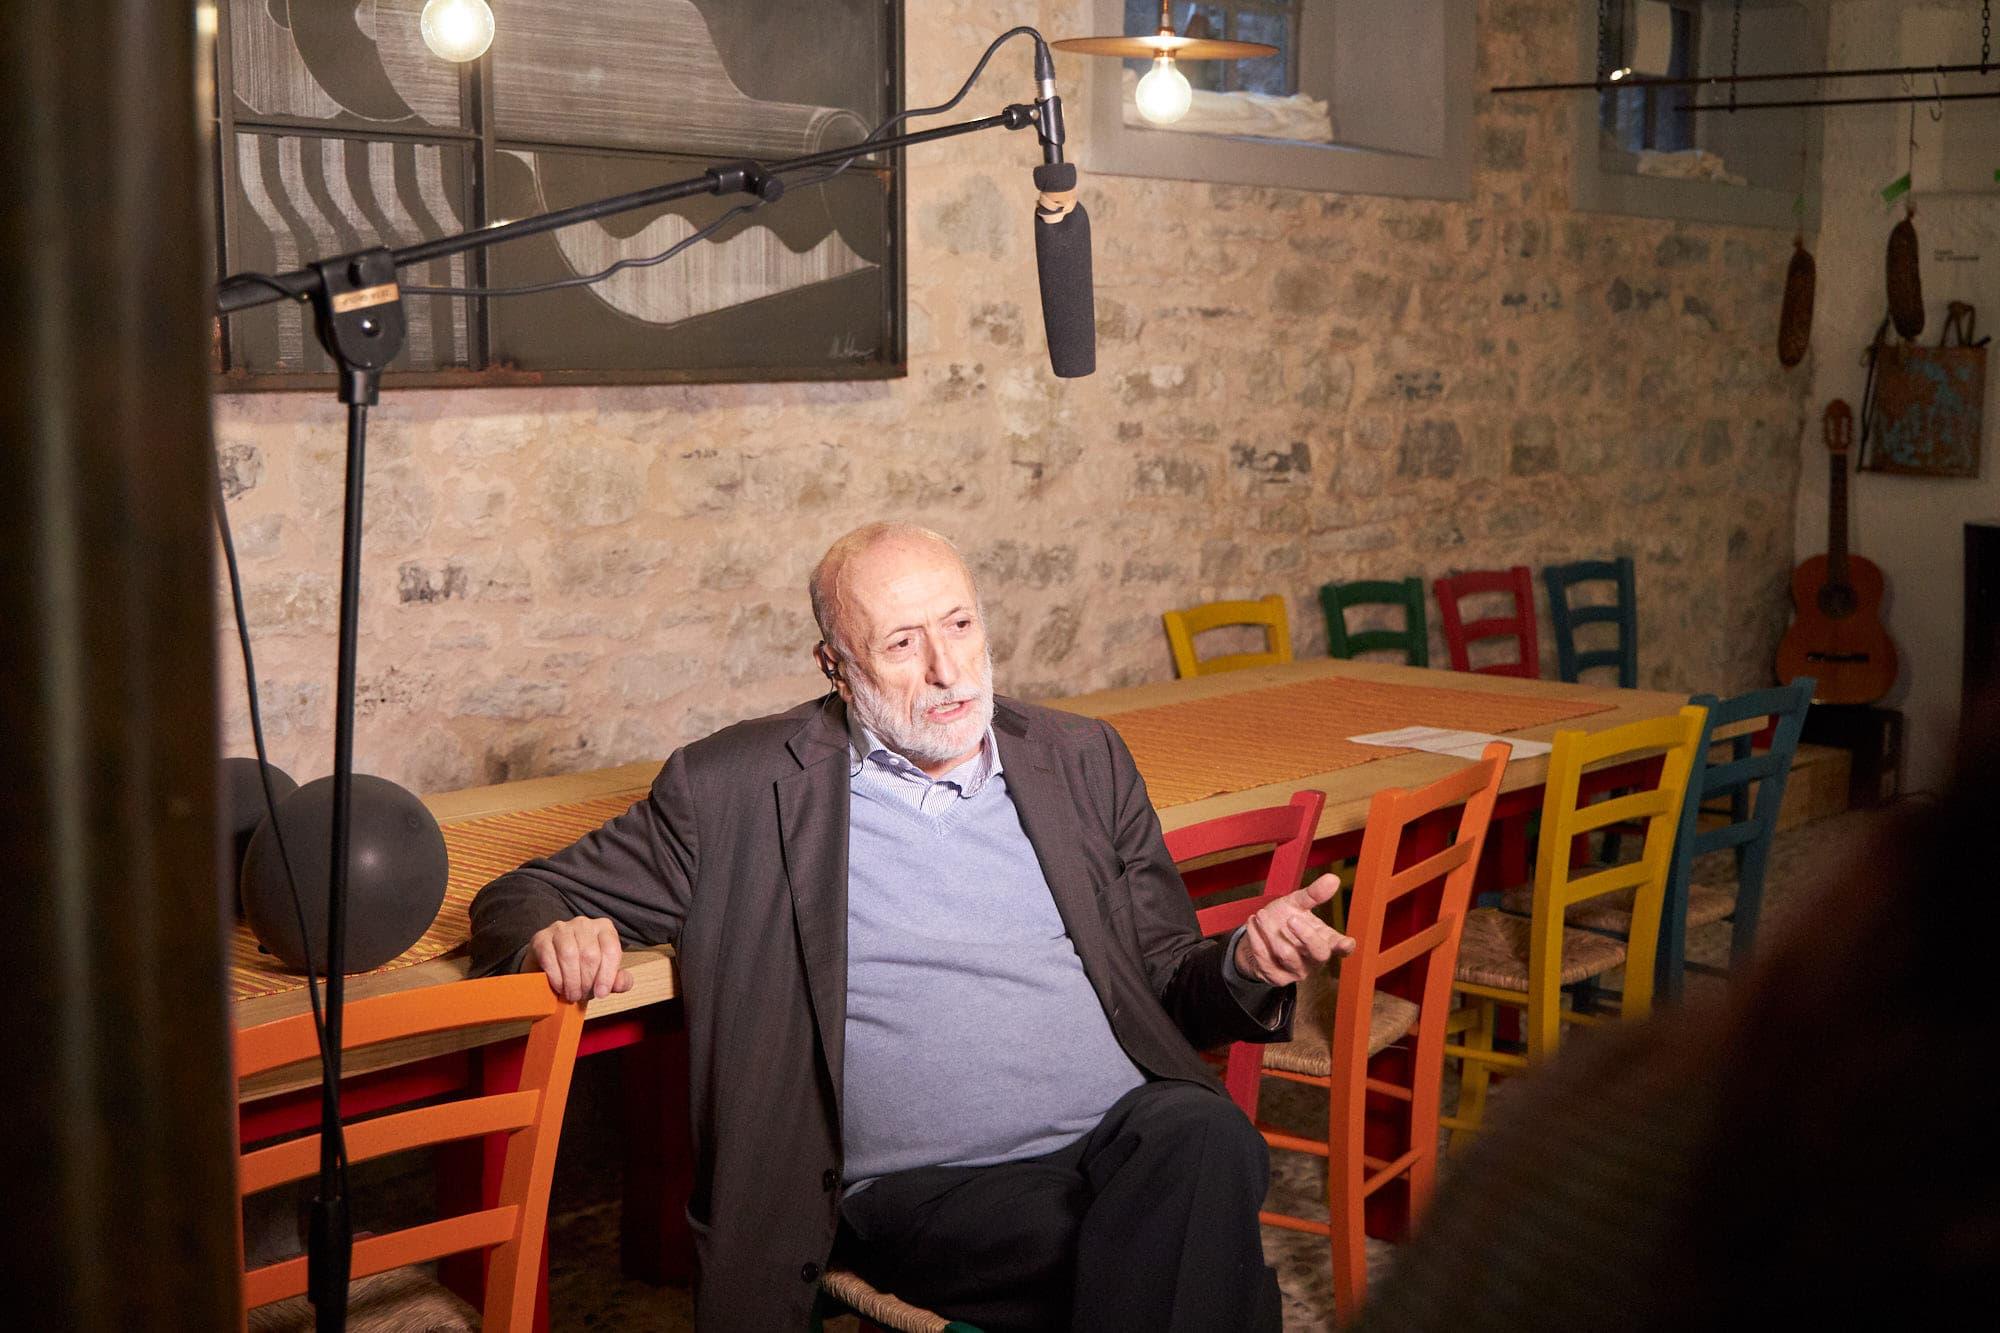 Carlo Petrini - intervista al fondatore di Slow Food